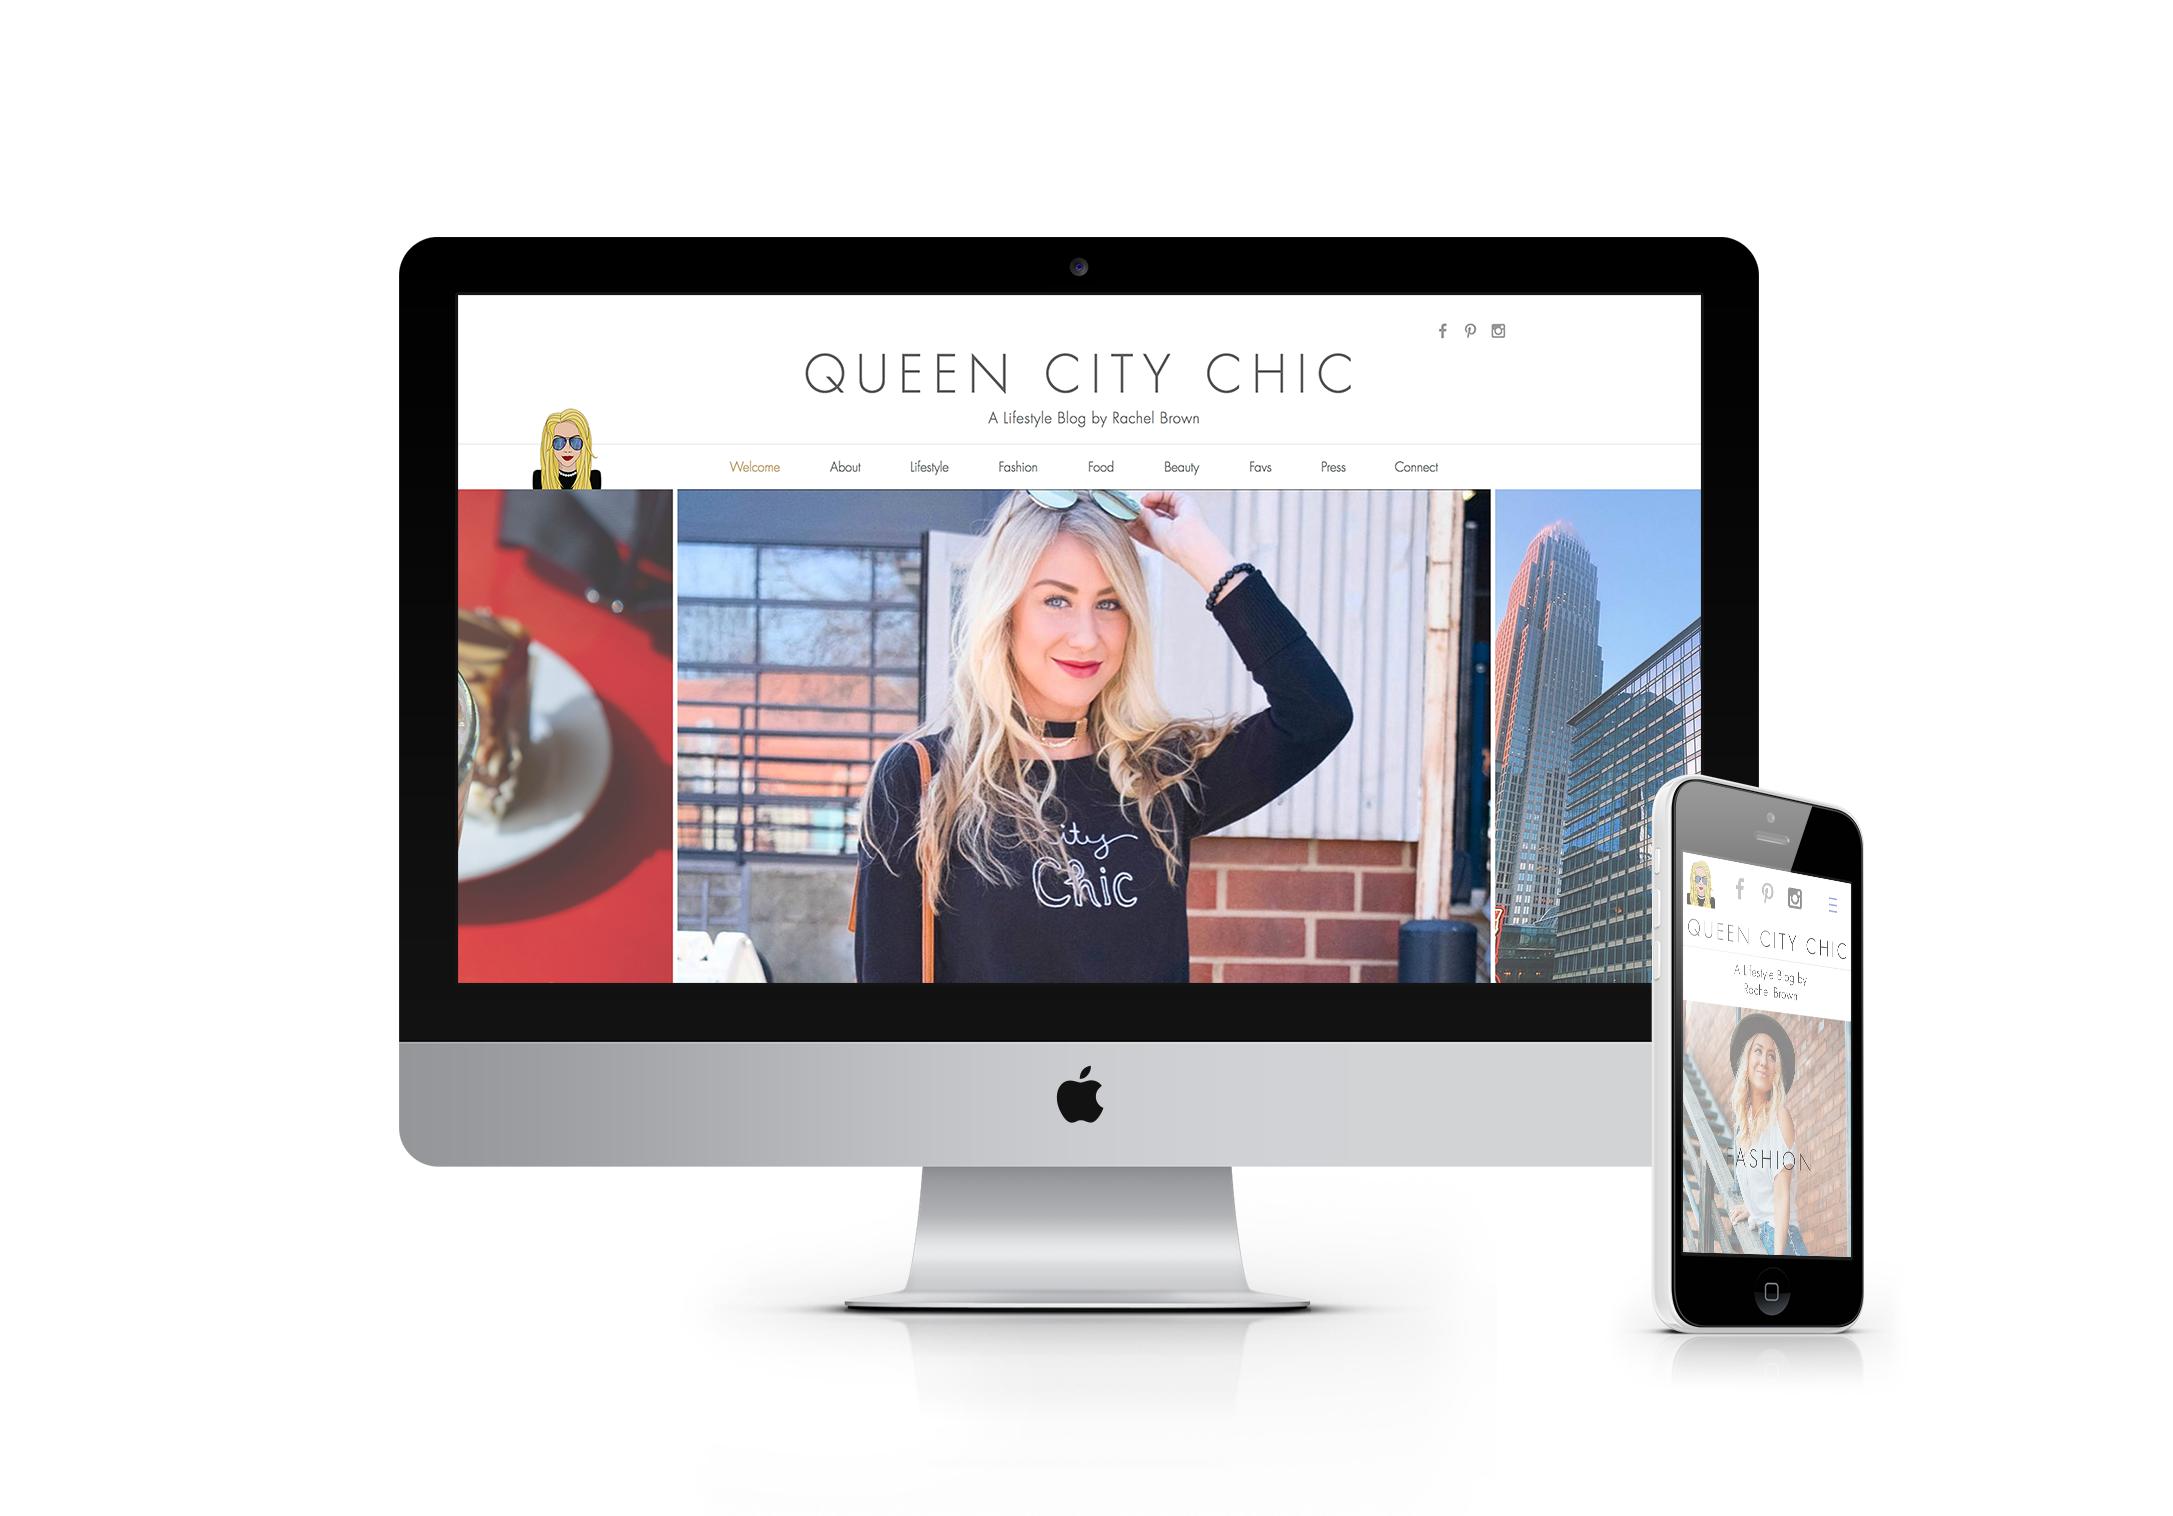 Queen City Chic